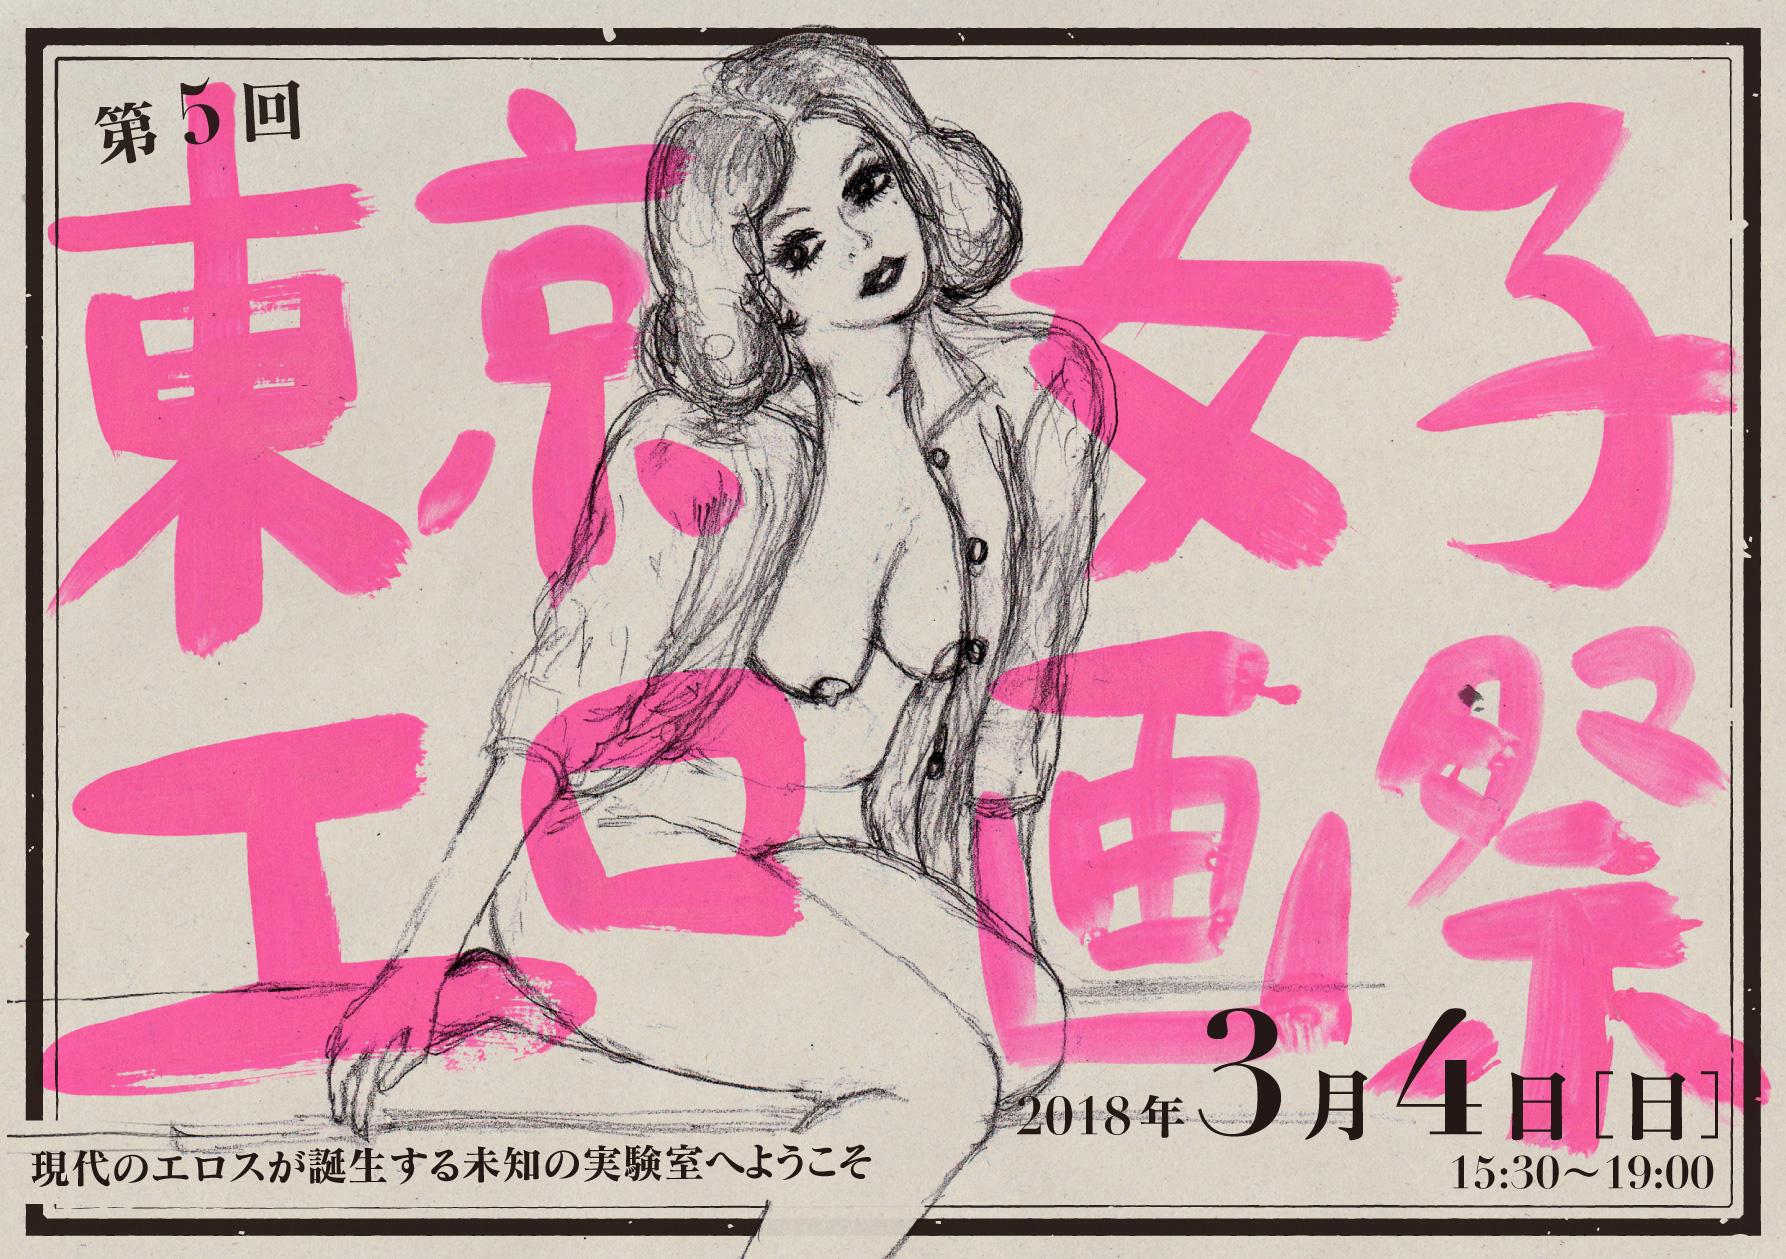 第5回・東京女子エロ画祭チラシ